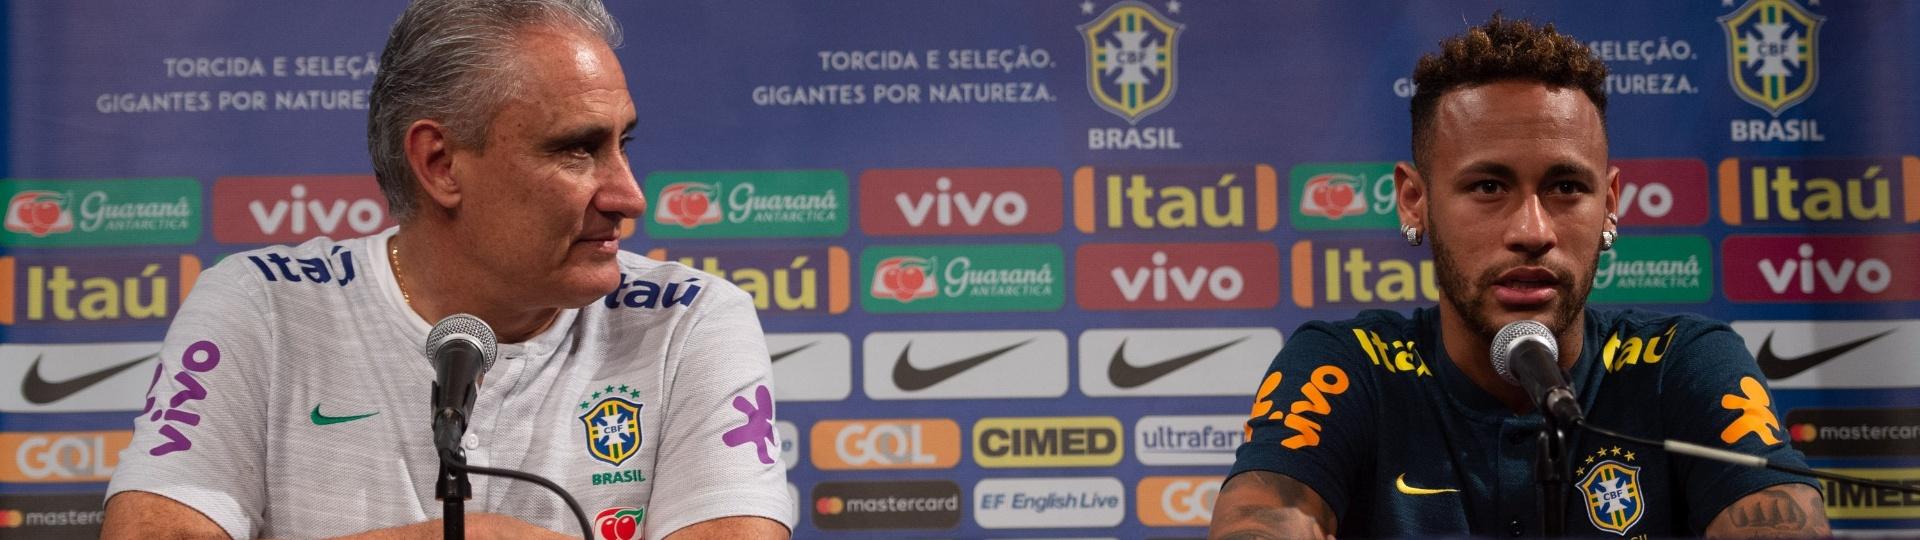 Neymar e Tite concedem entrevista coletiva em Nova Jersey